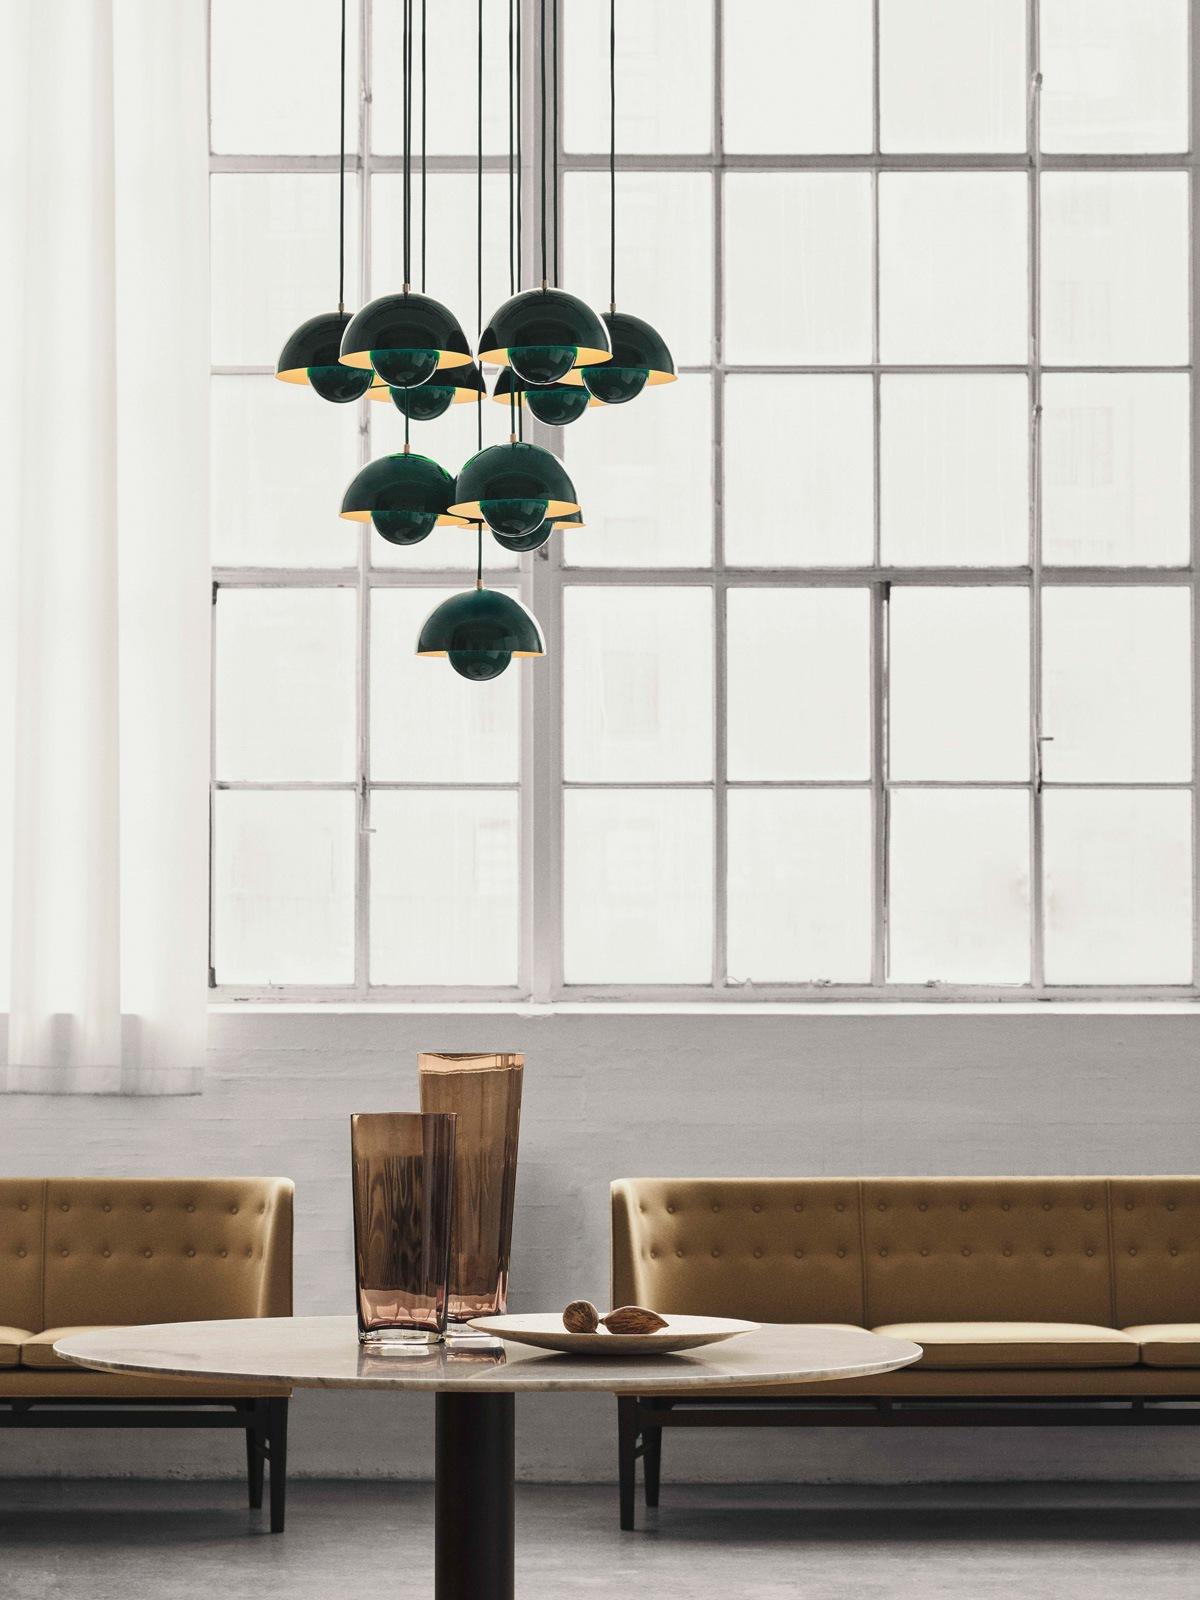 DesignOrt Blog: Flowerpot Lampenfamilie VP 1 Grün &tradition Designerleuchte DesignOrt Onlineshop Lampen Berlin